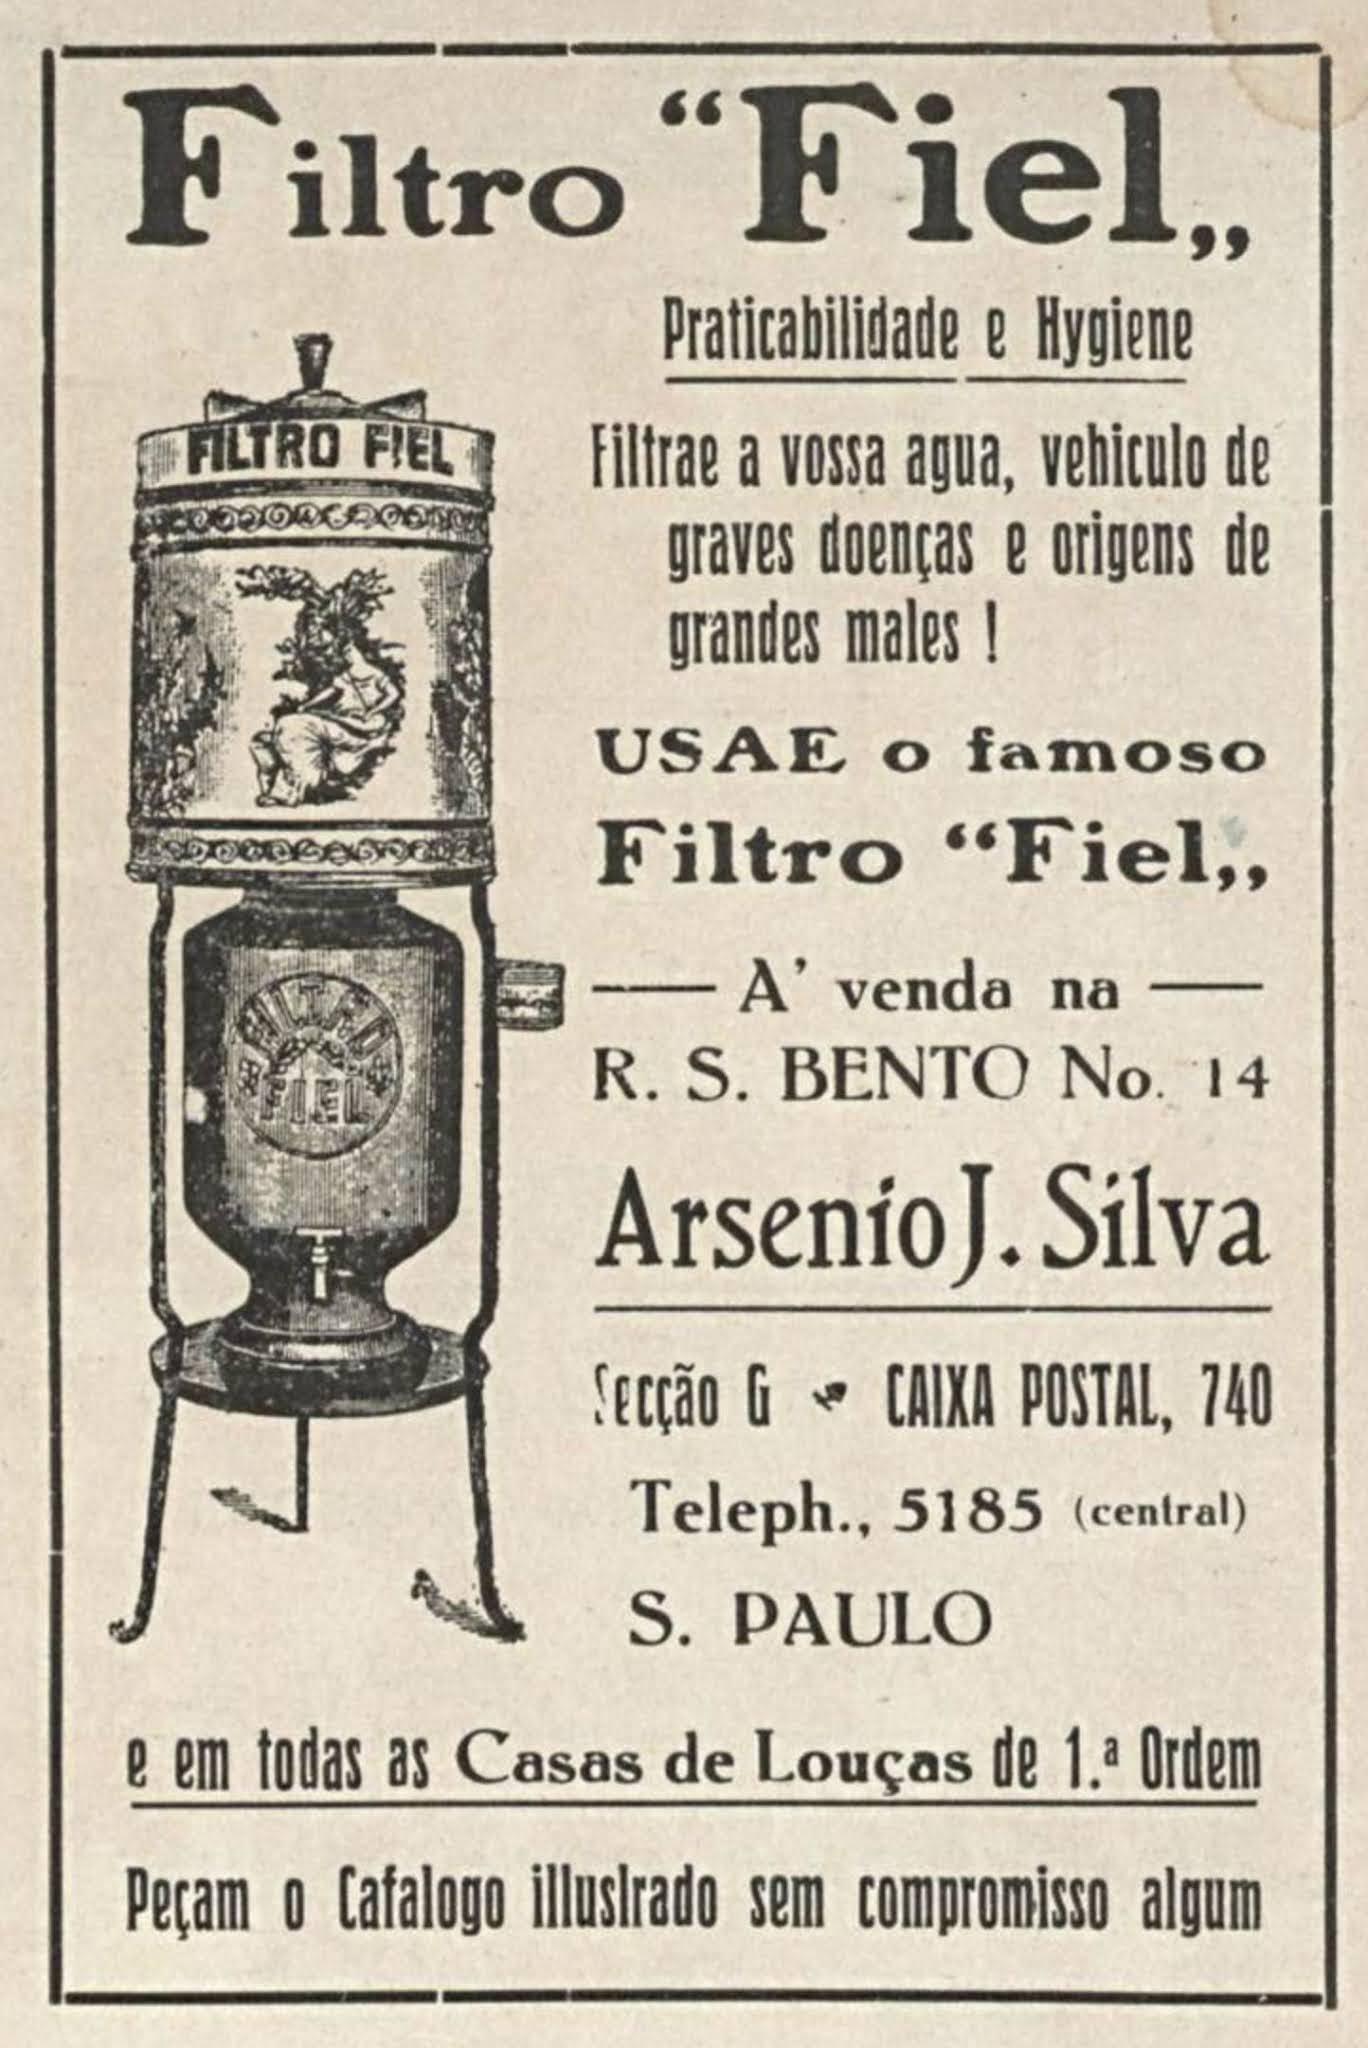 Anúncio de 1918 promovendo o Filtro Fiel para purificação da água